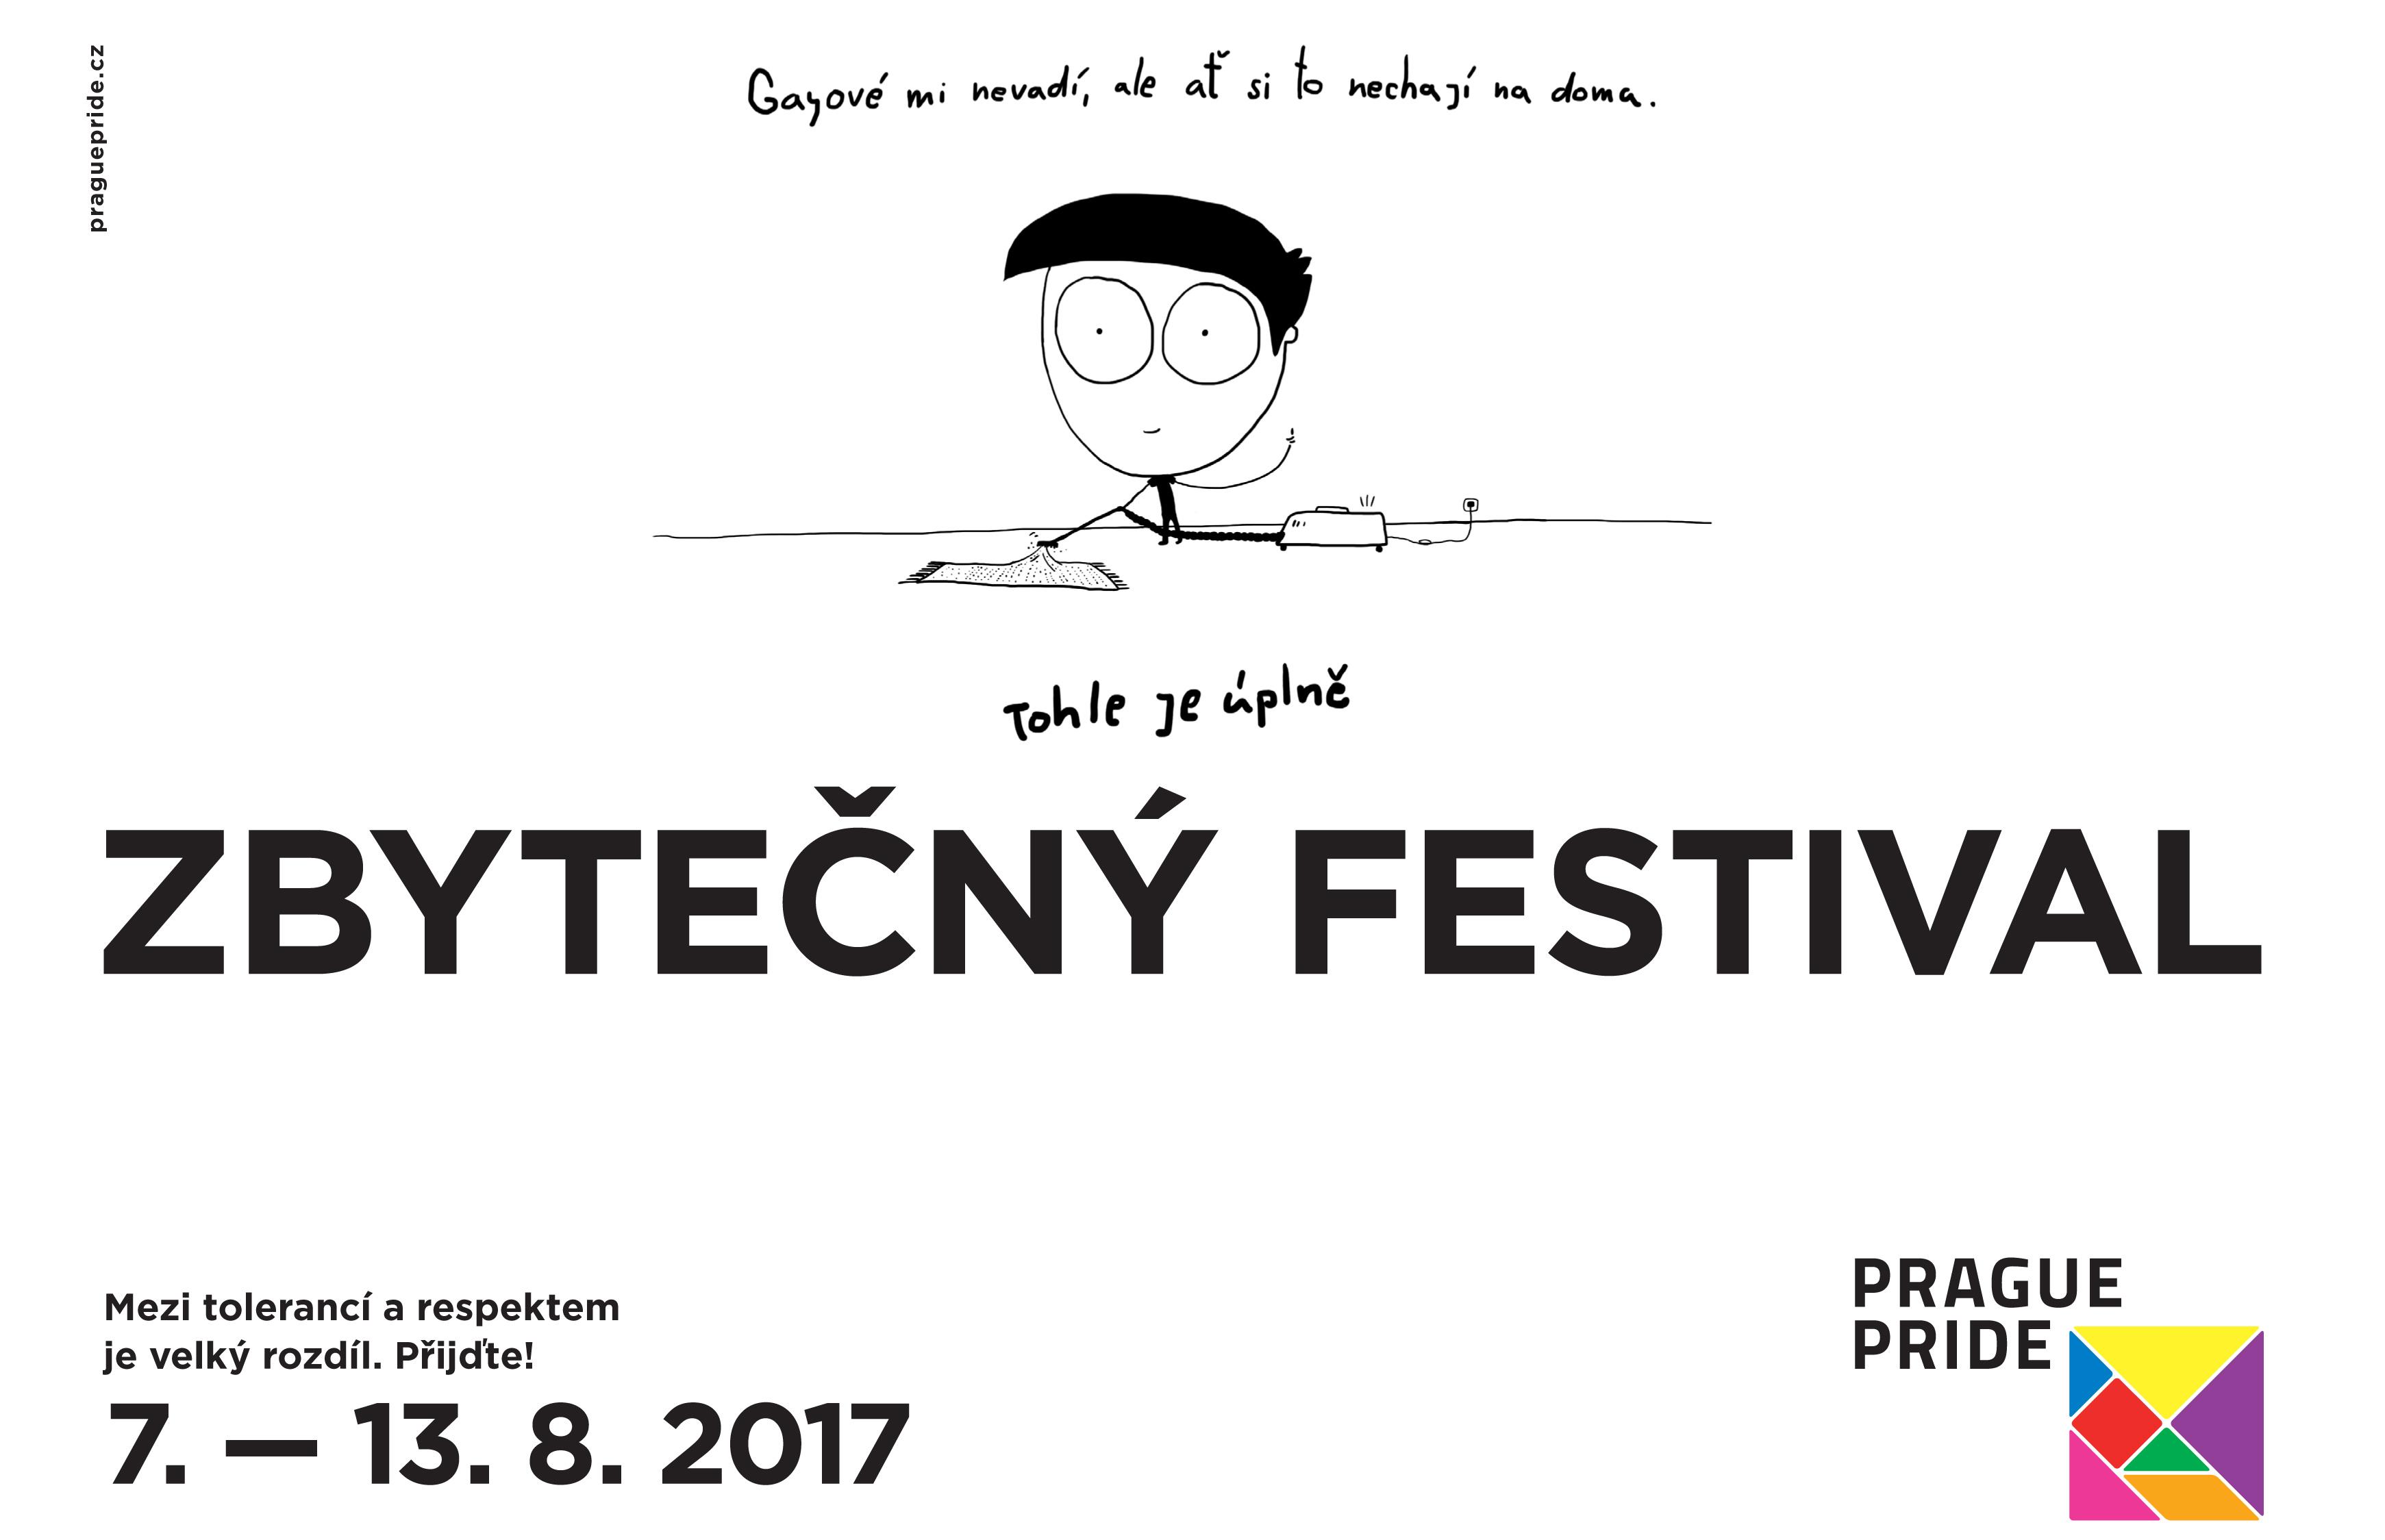 praguepride_zbytecny-festival_2017